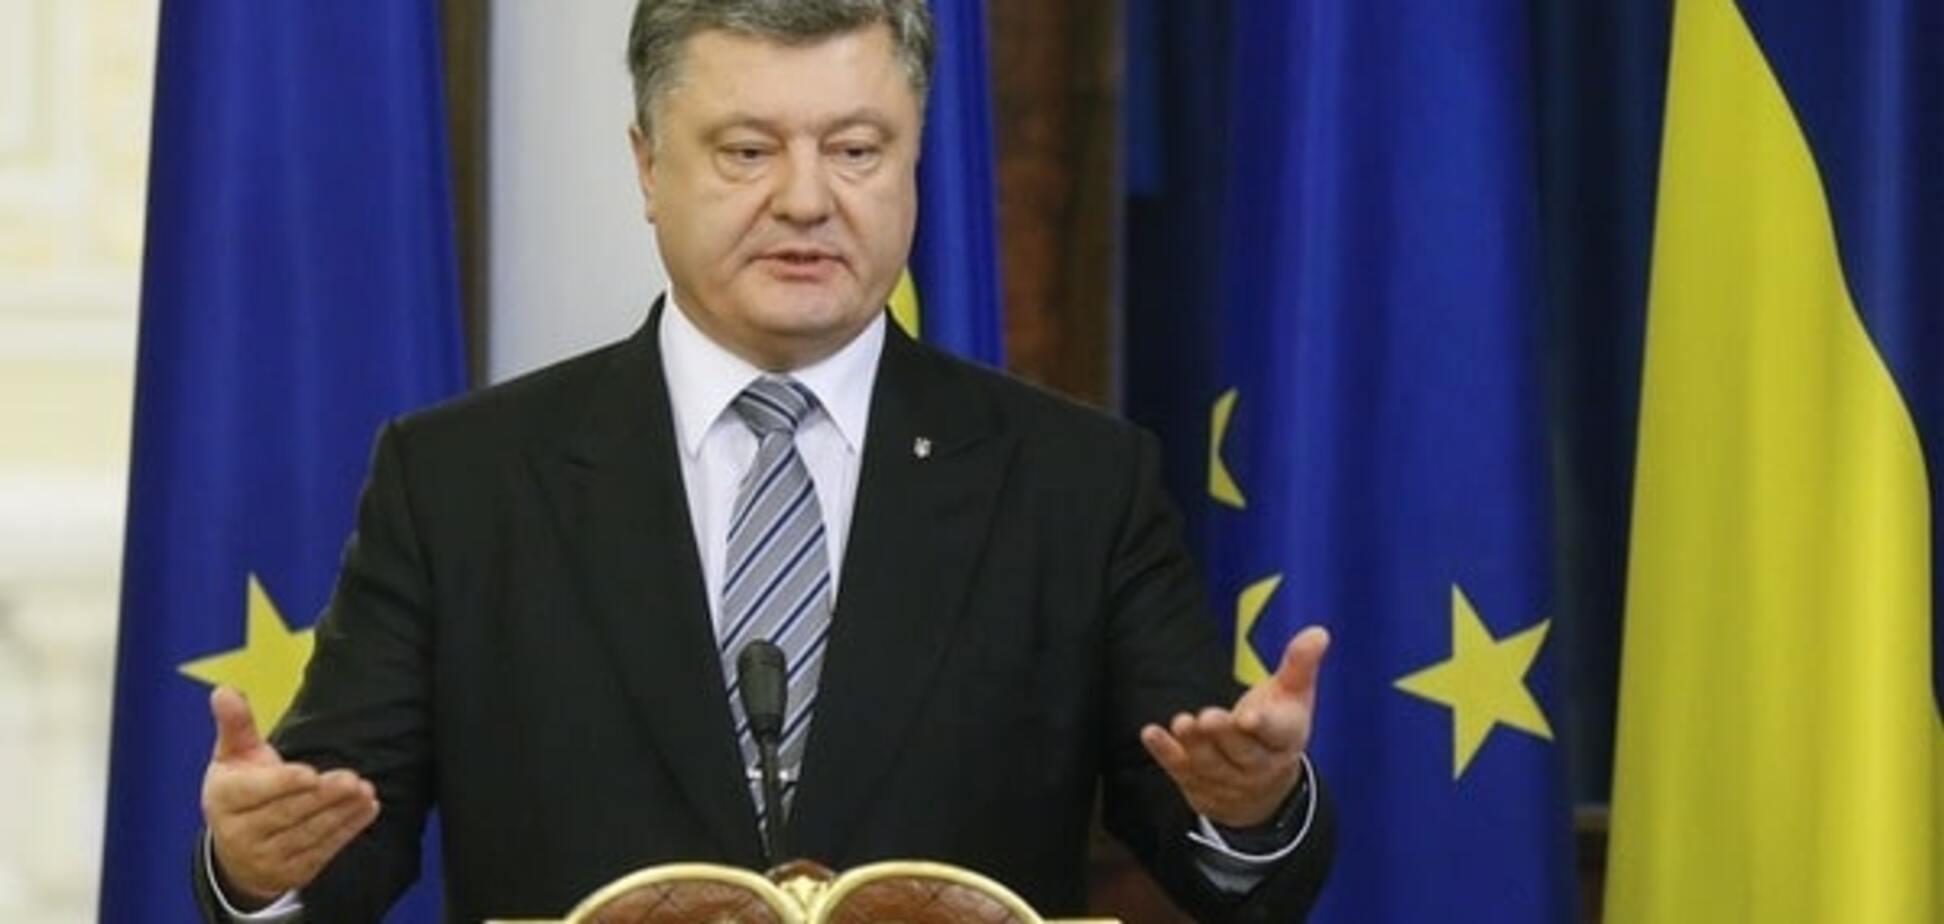 Порошенко оцінив роль волонтерів в Україні